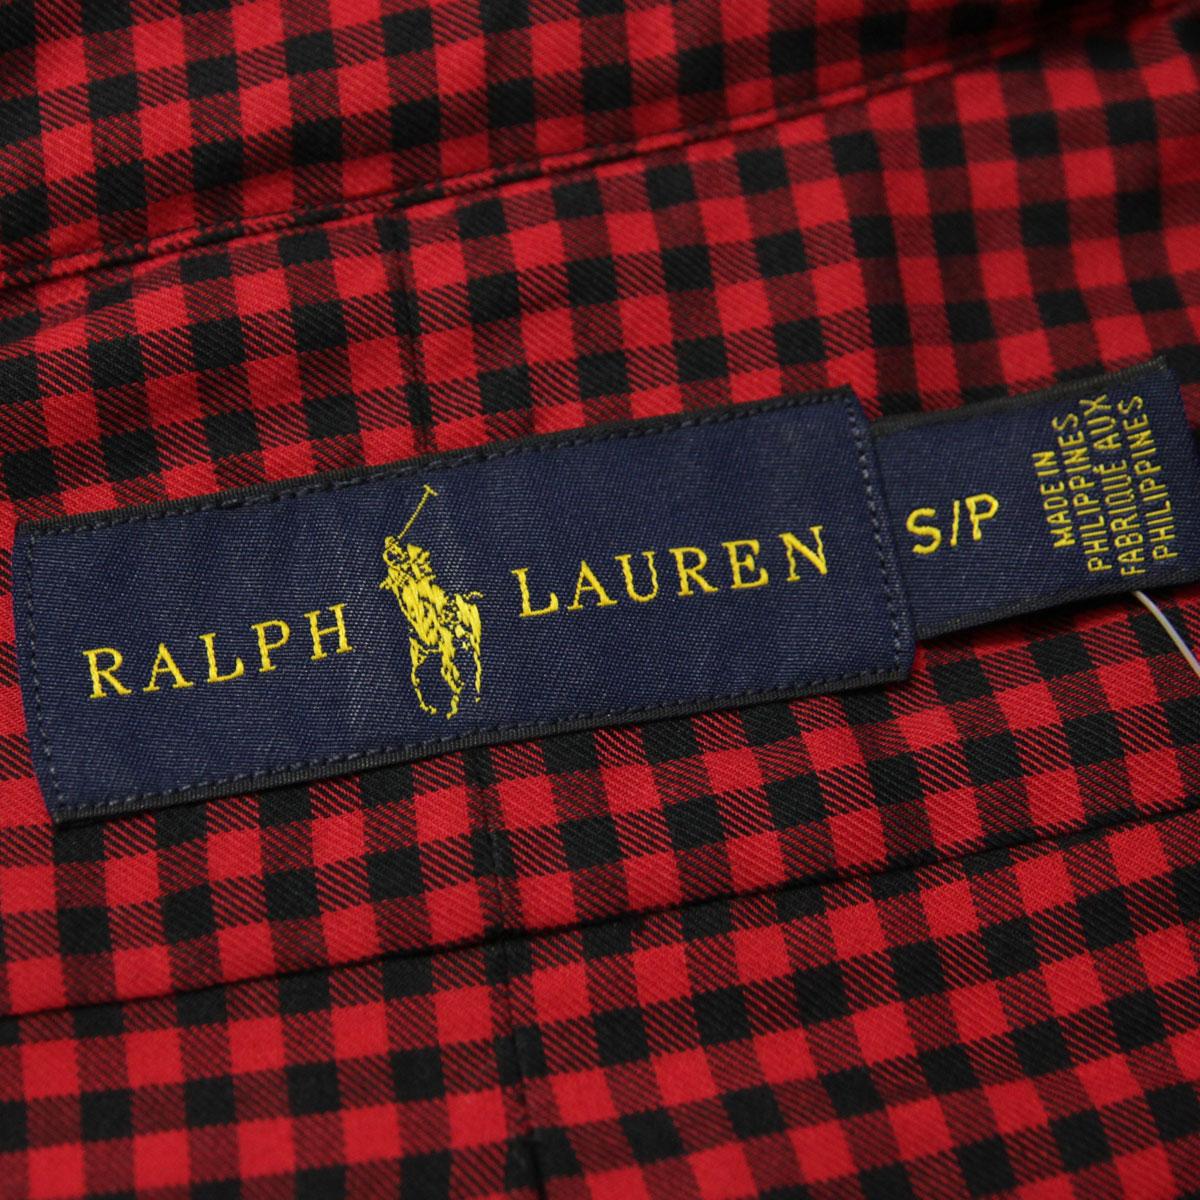 ポロラルフローレン POLO RALPH LAUREN 正規品 メンズ 長袖シャツ BUTTON DOWN CHECK LONG SLEEVE SHIRT